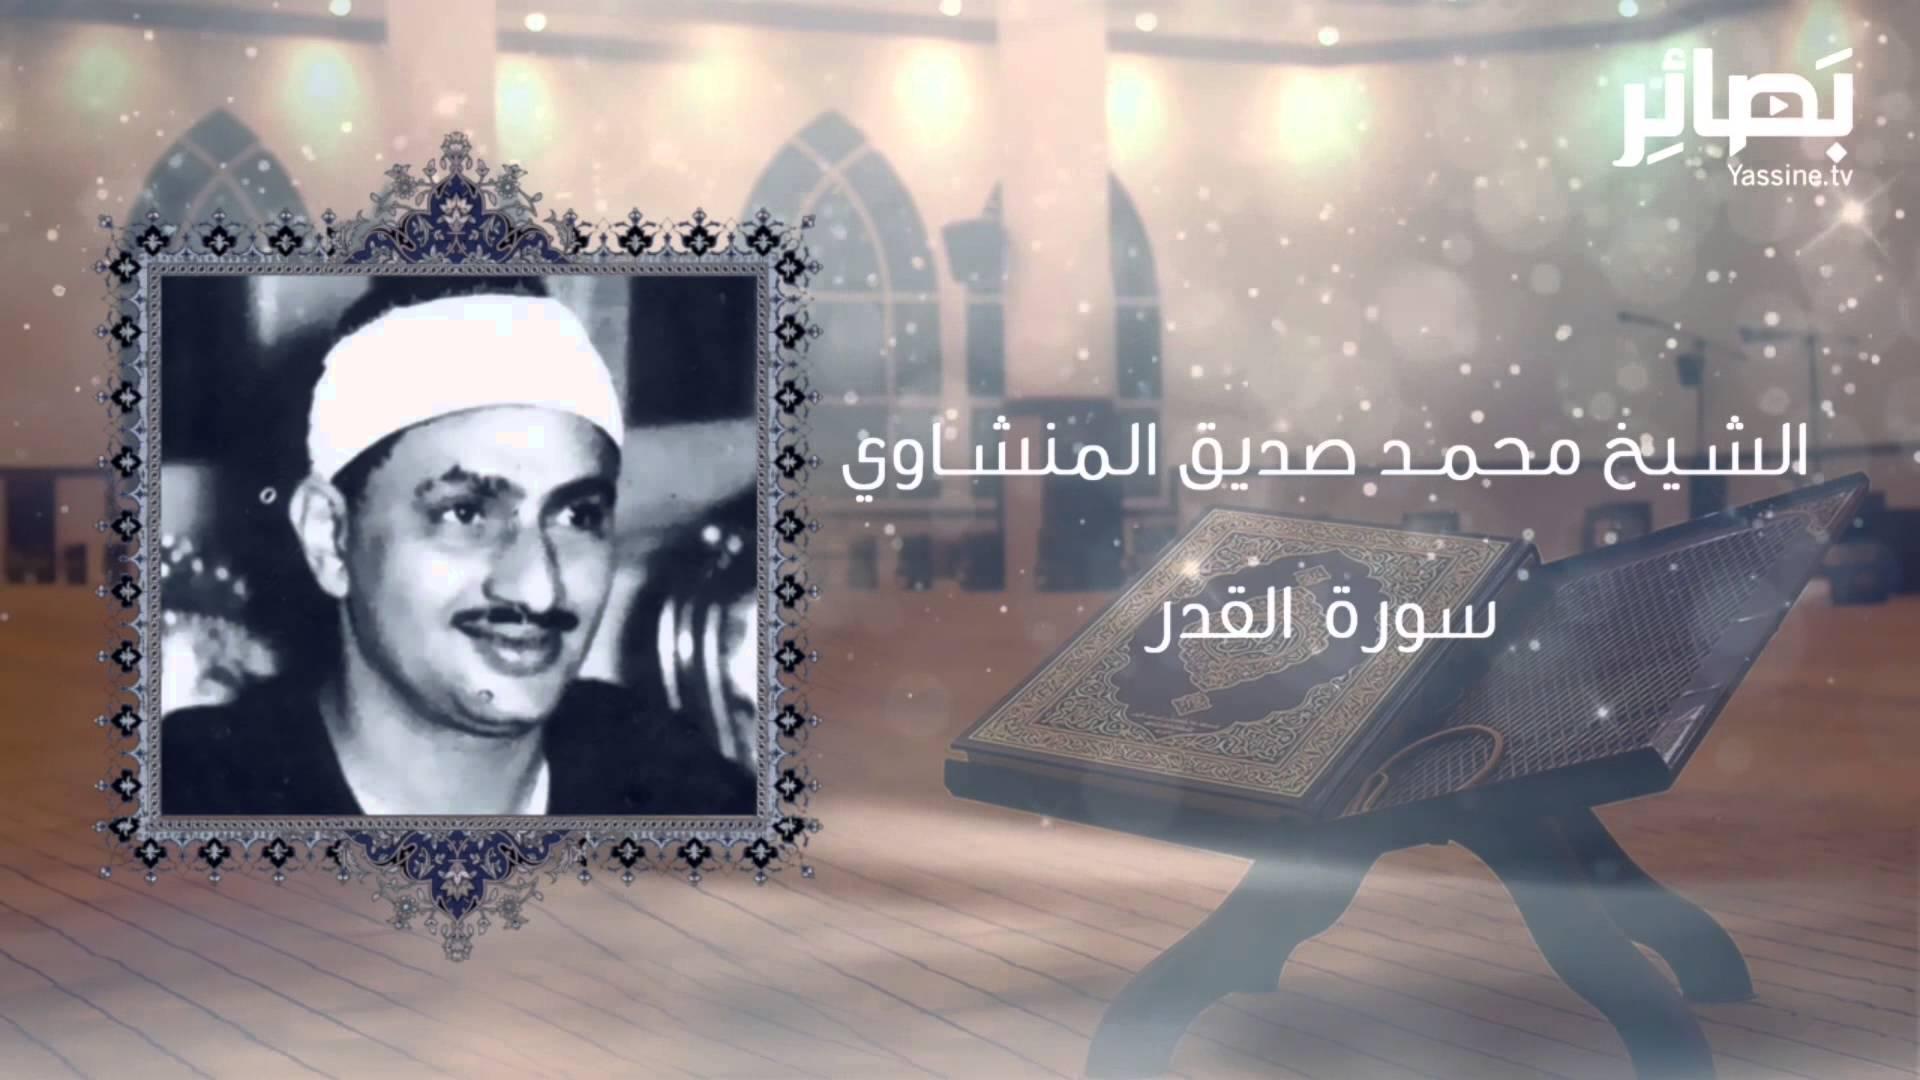 الشيخ محمد صديق المنشاوي | سورة القدر